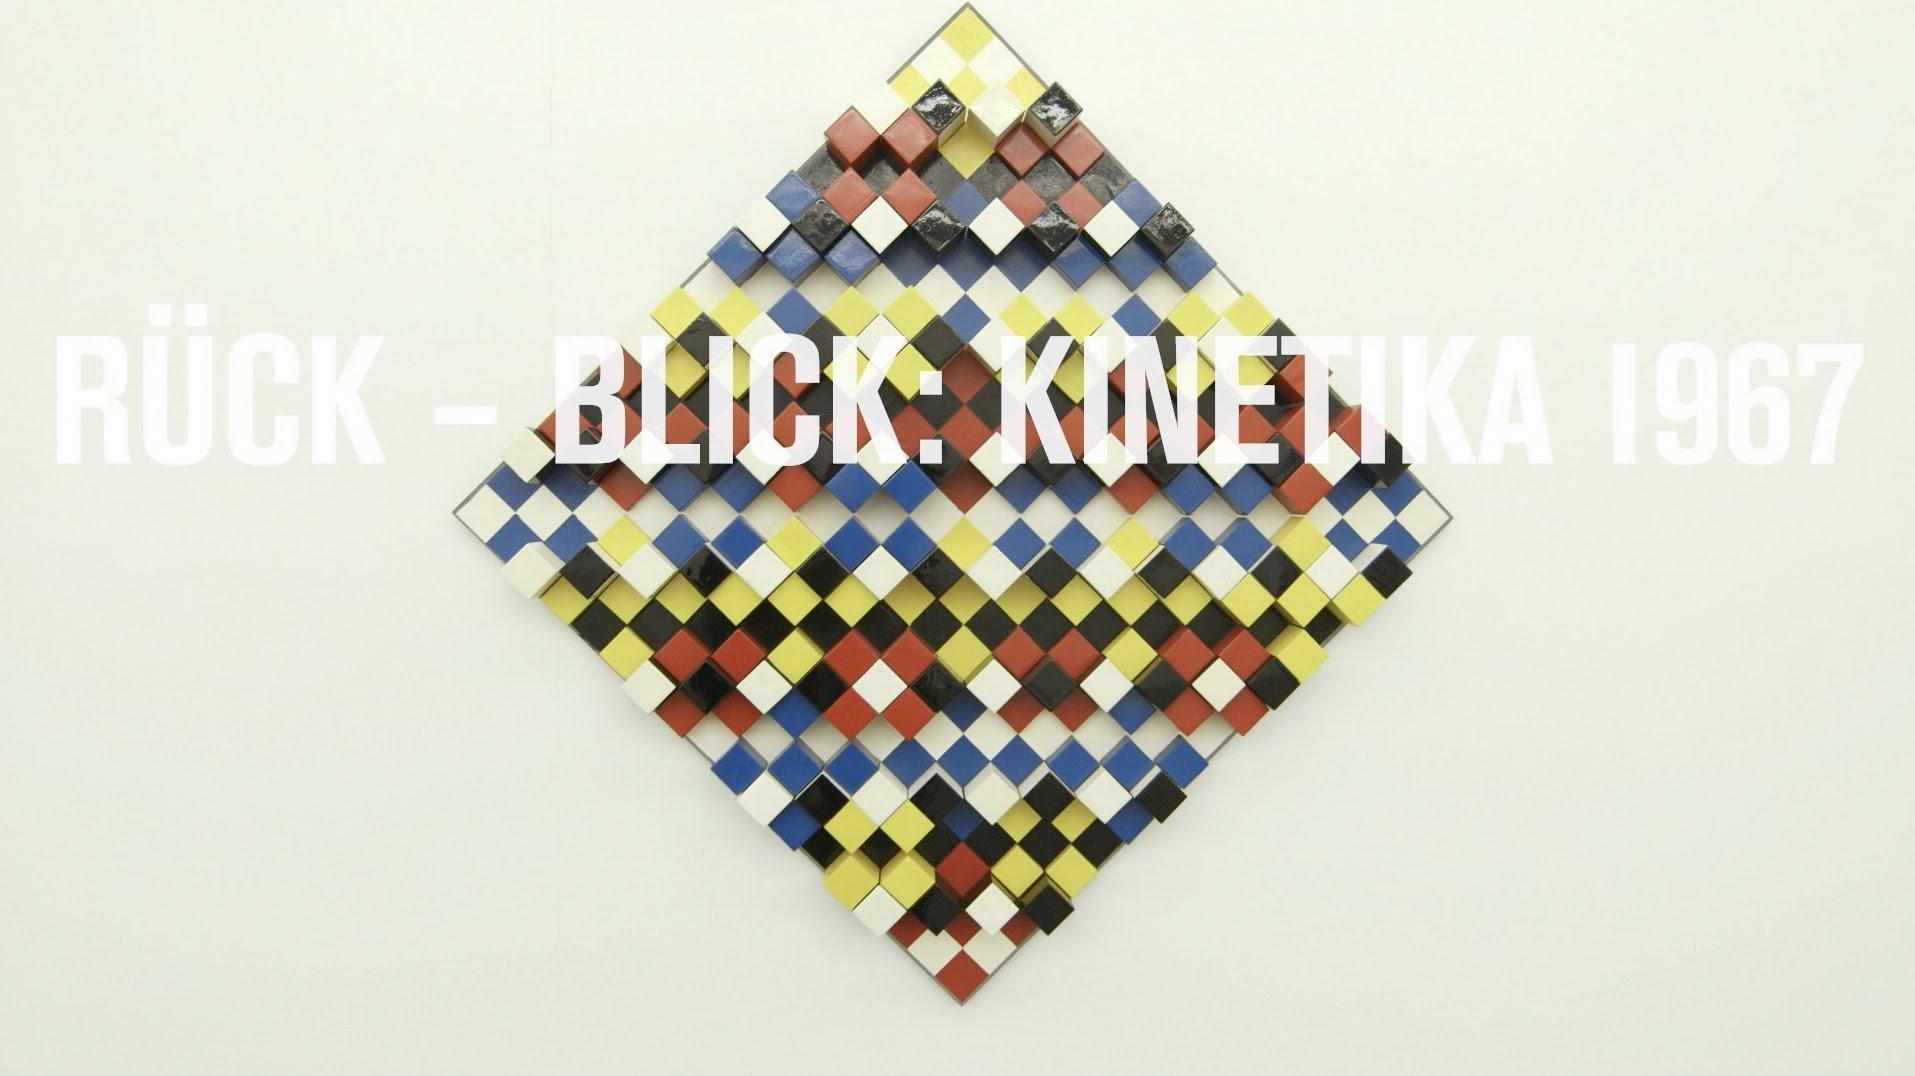 21er haus r ck blick kinetika 1967 museumsfernsehen. Black Bedroom Furniture Sets. Home Design Ideas